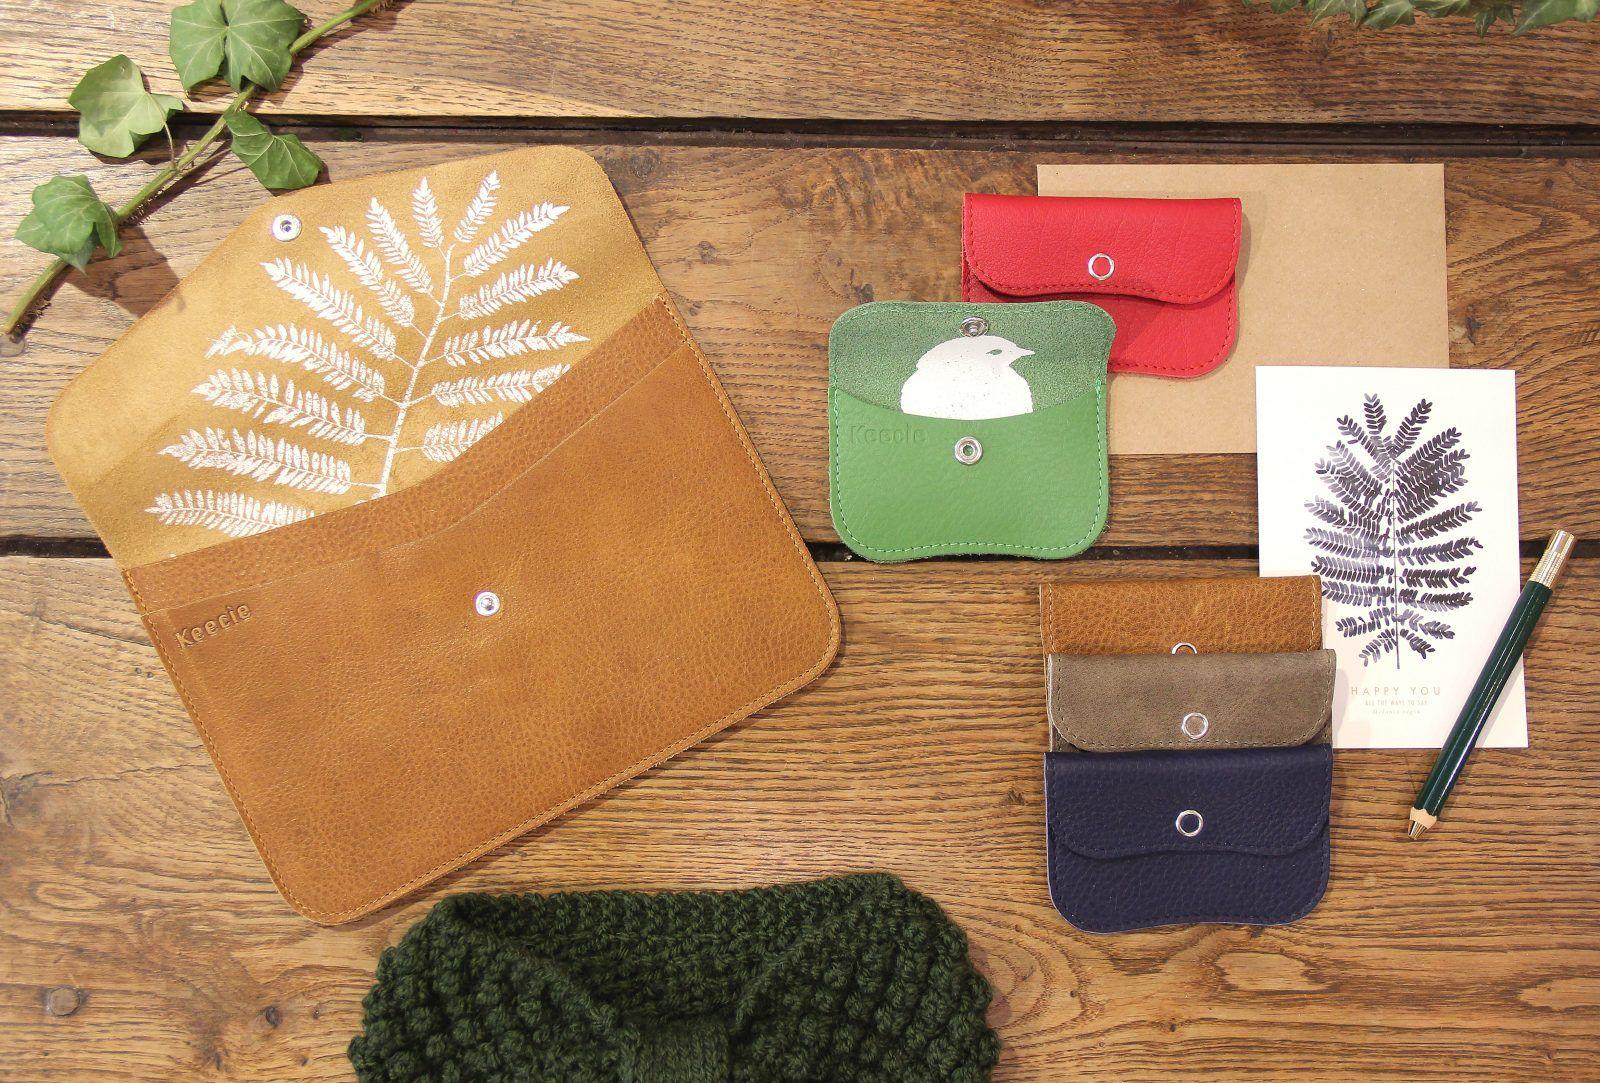 D Ou Vient Le Cuir keecie - maroquinerie - créateur - sacs, portefeuilles